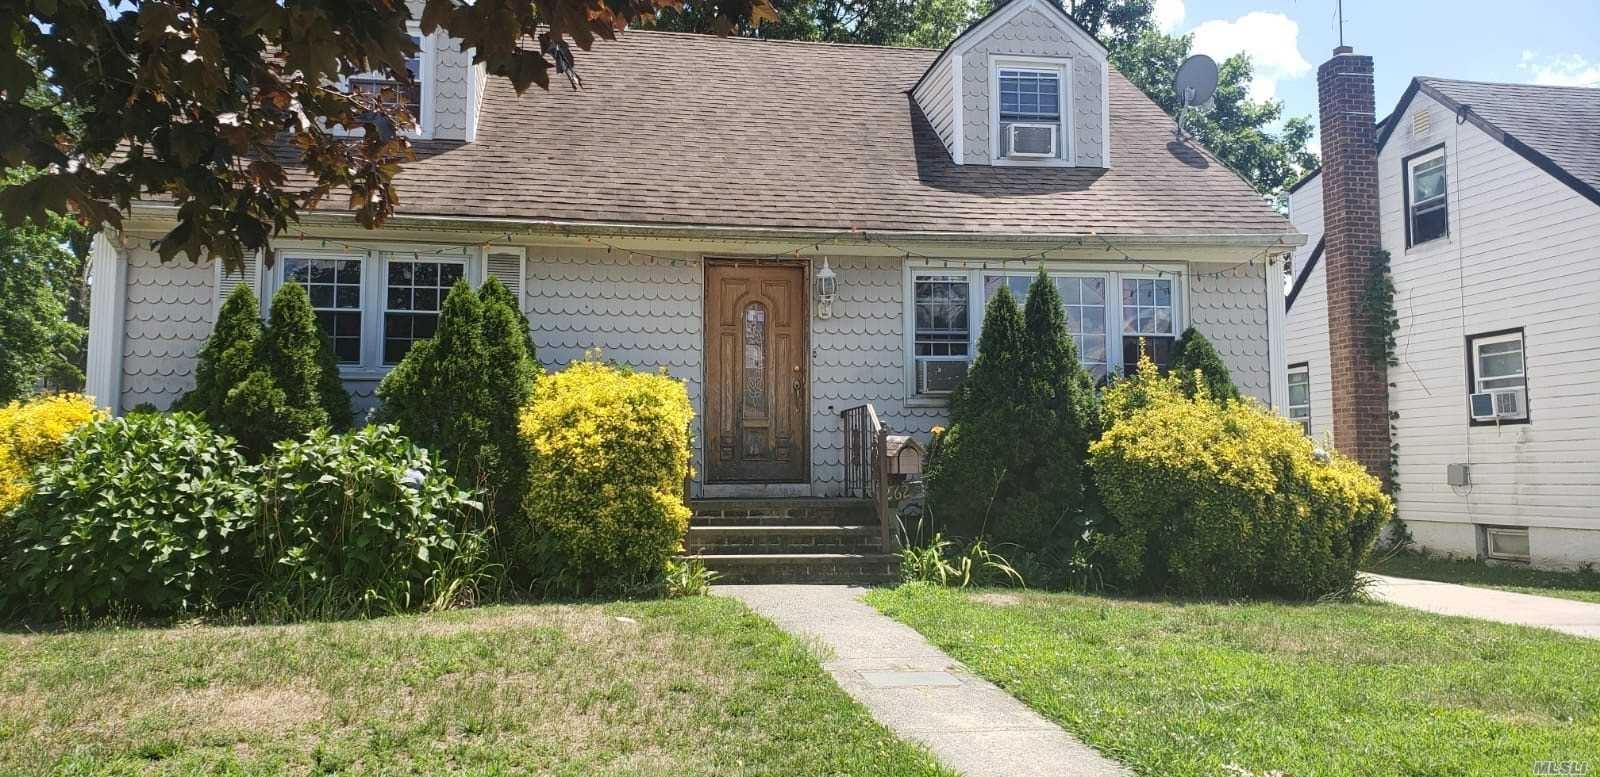 262 E Columbia St, Hempstead, NY 11550 - MLS#: 3232699